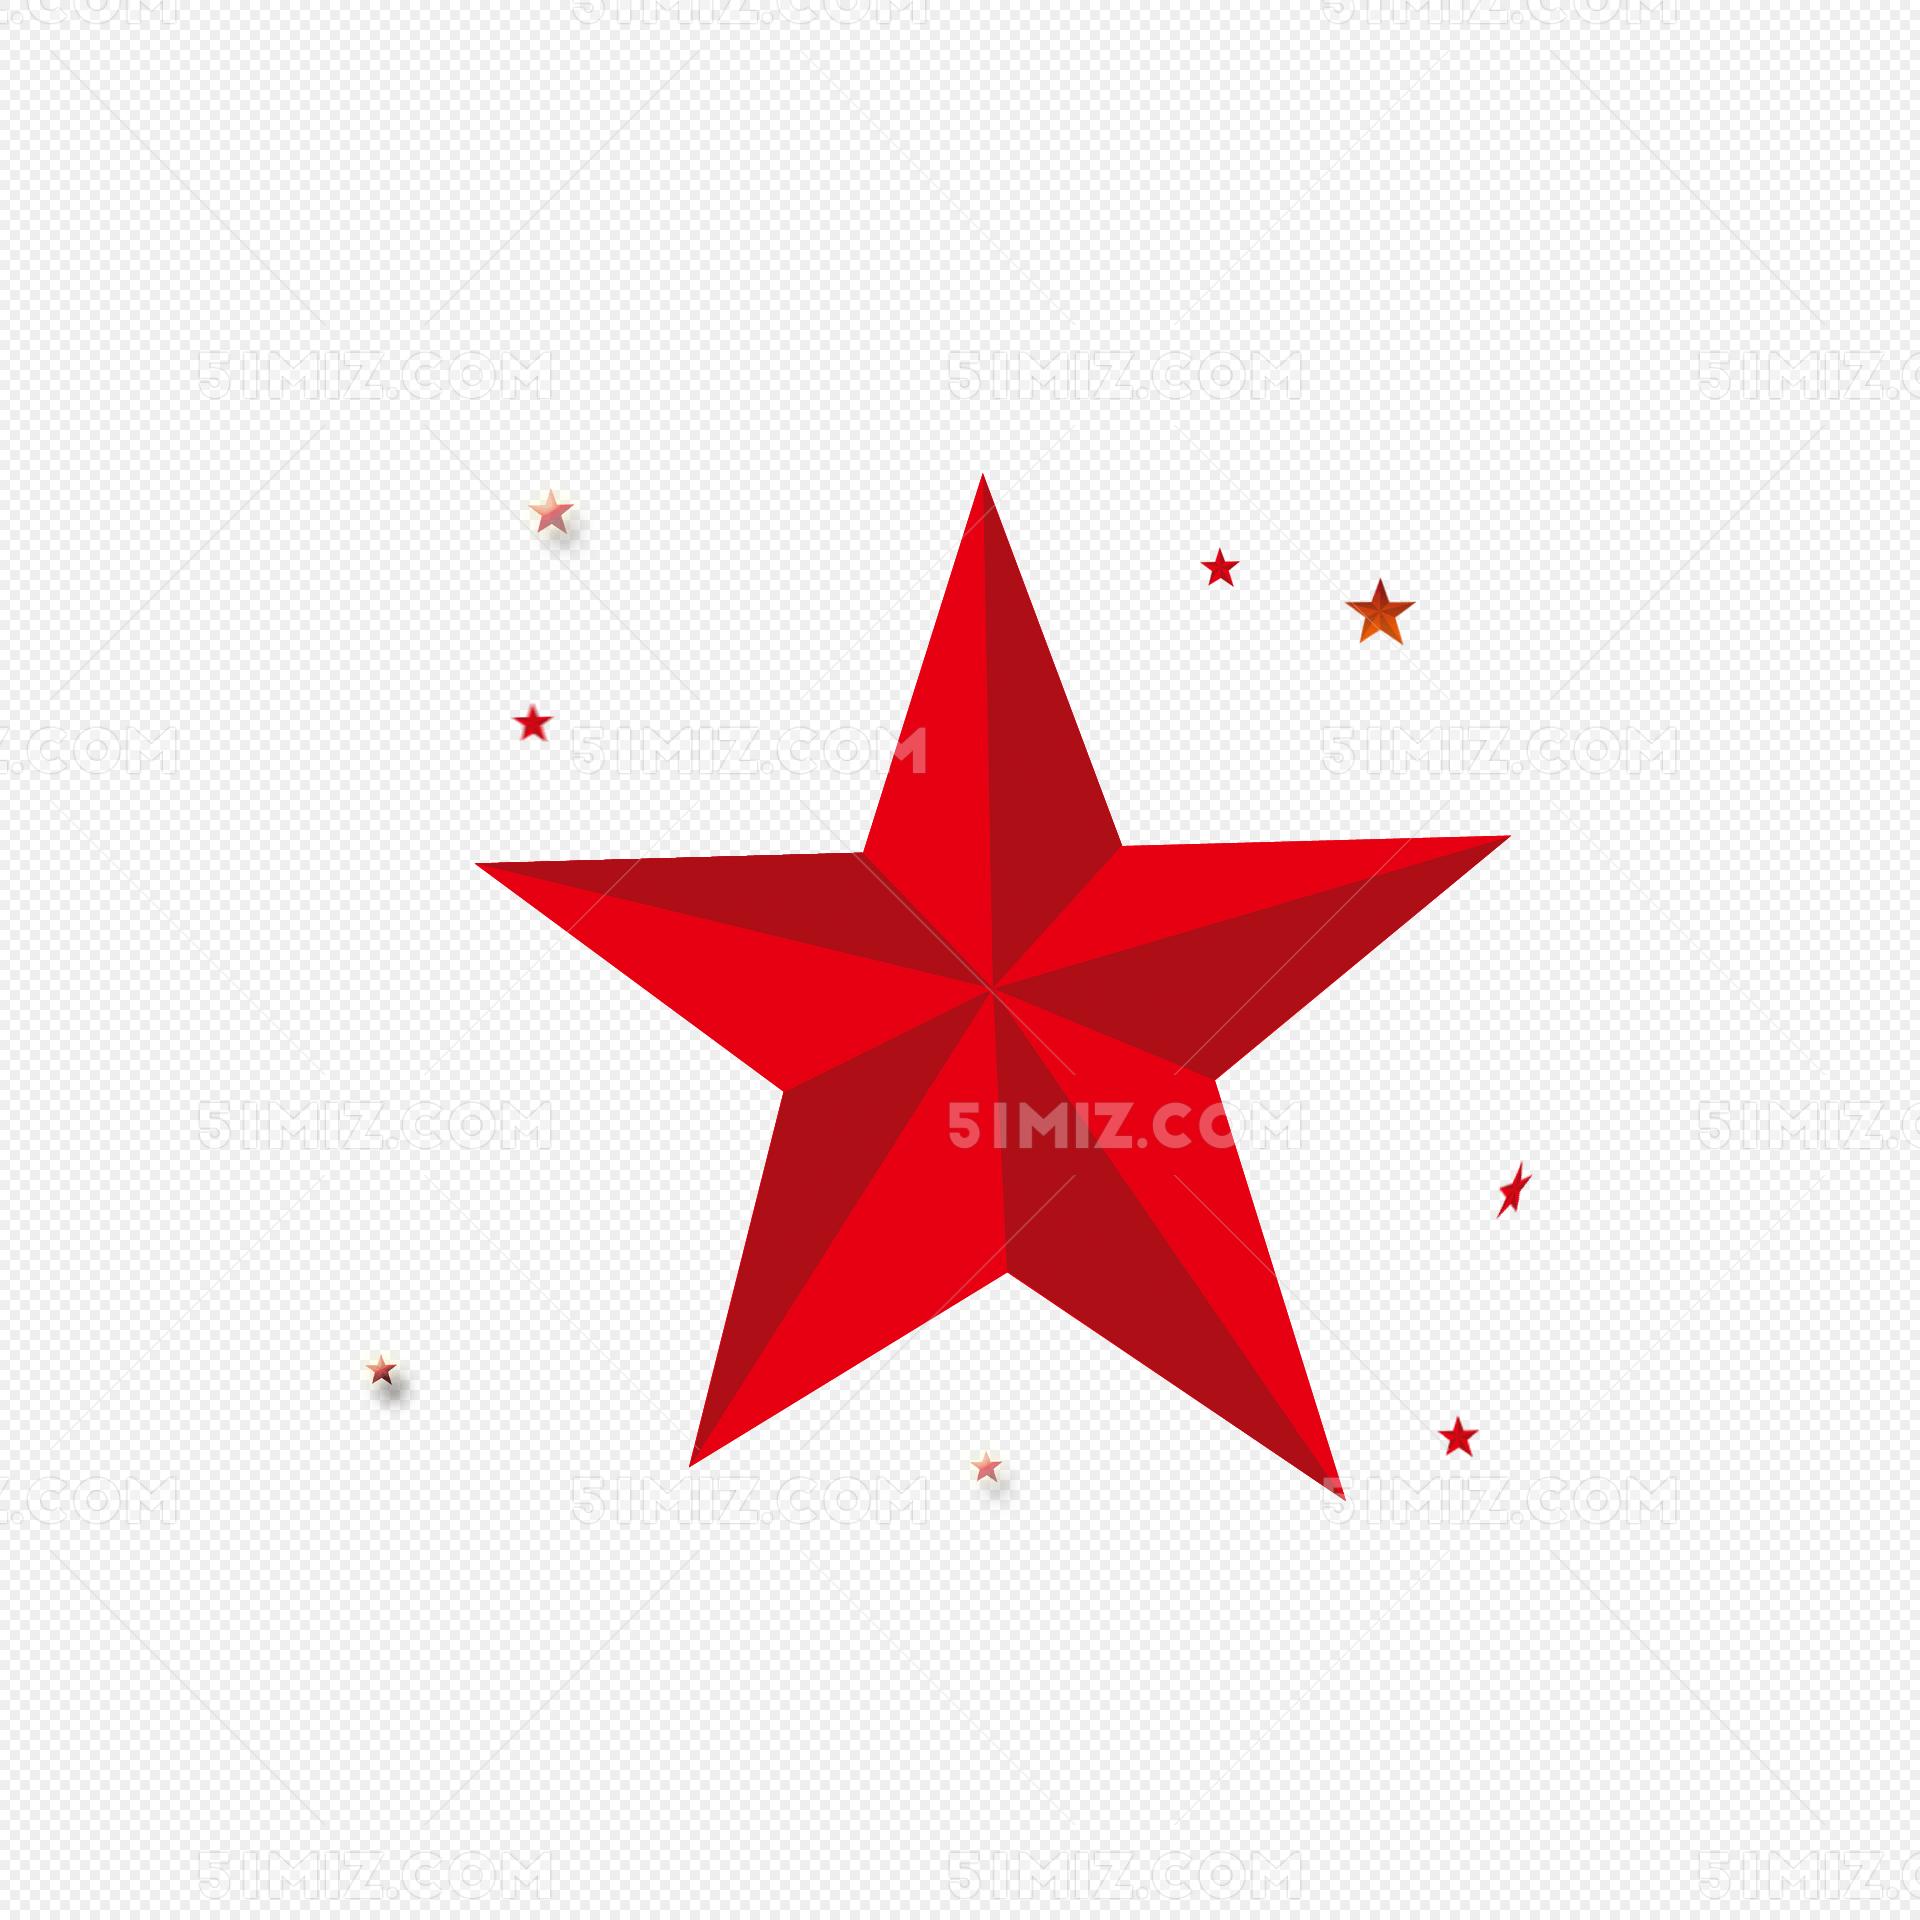 红色五角星免费下载_png素材_觅知网